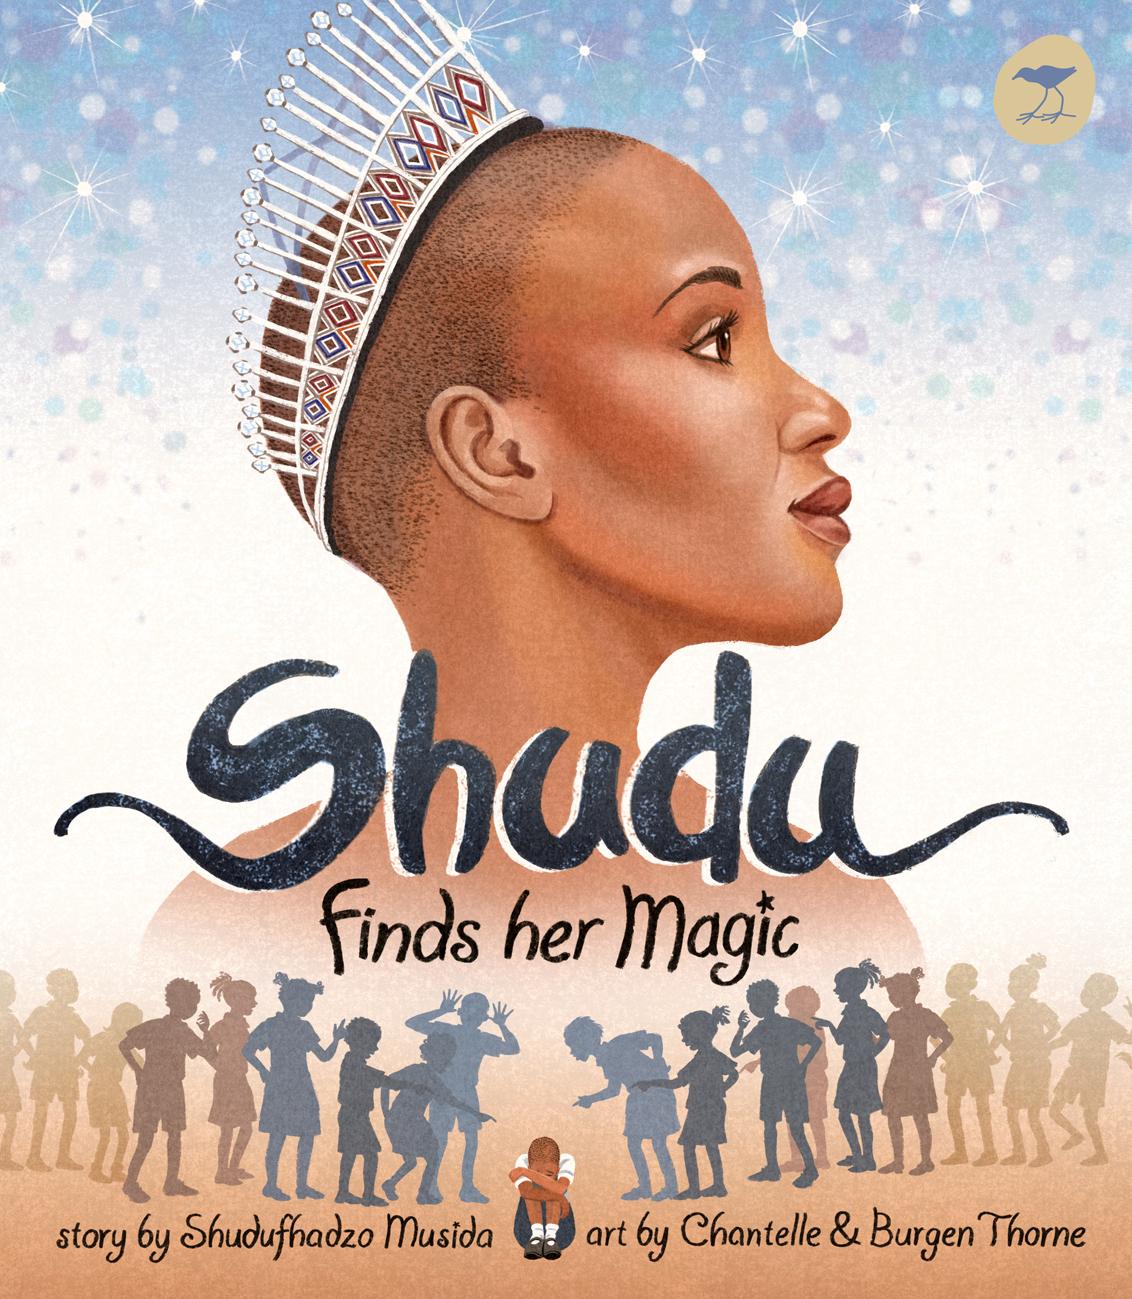 Shudu Finds her Magic